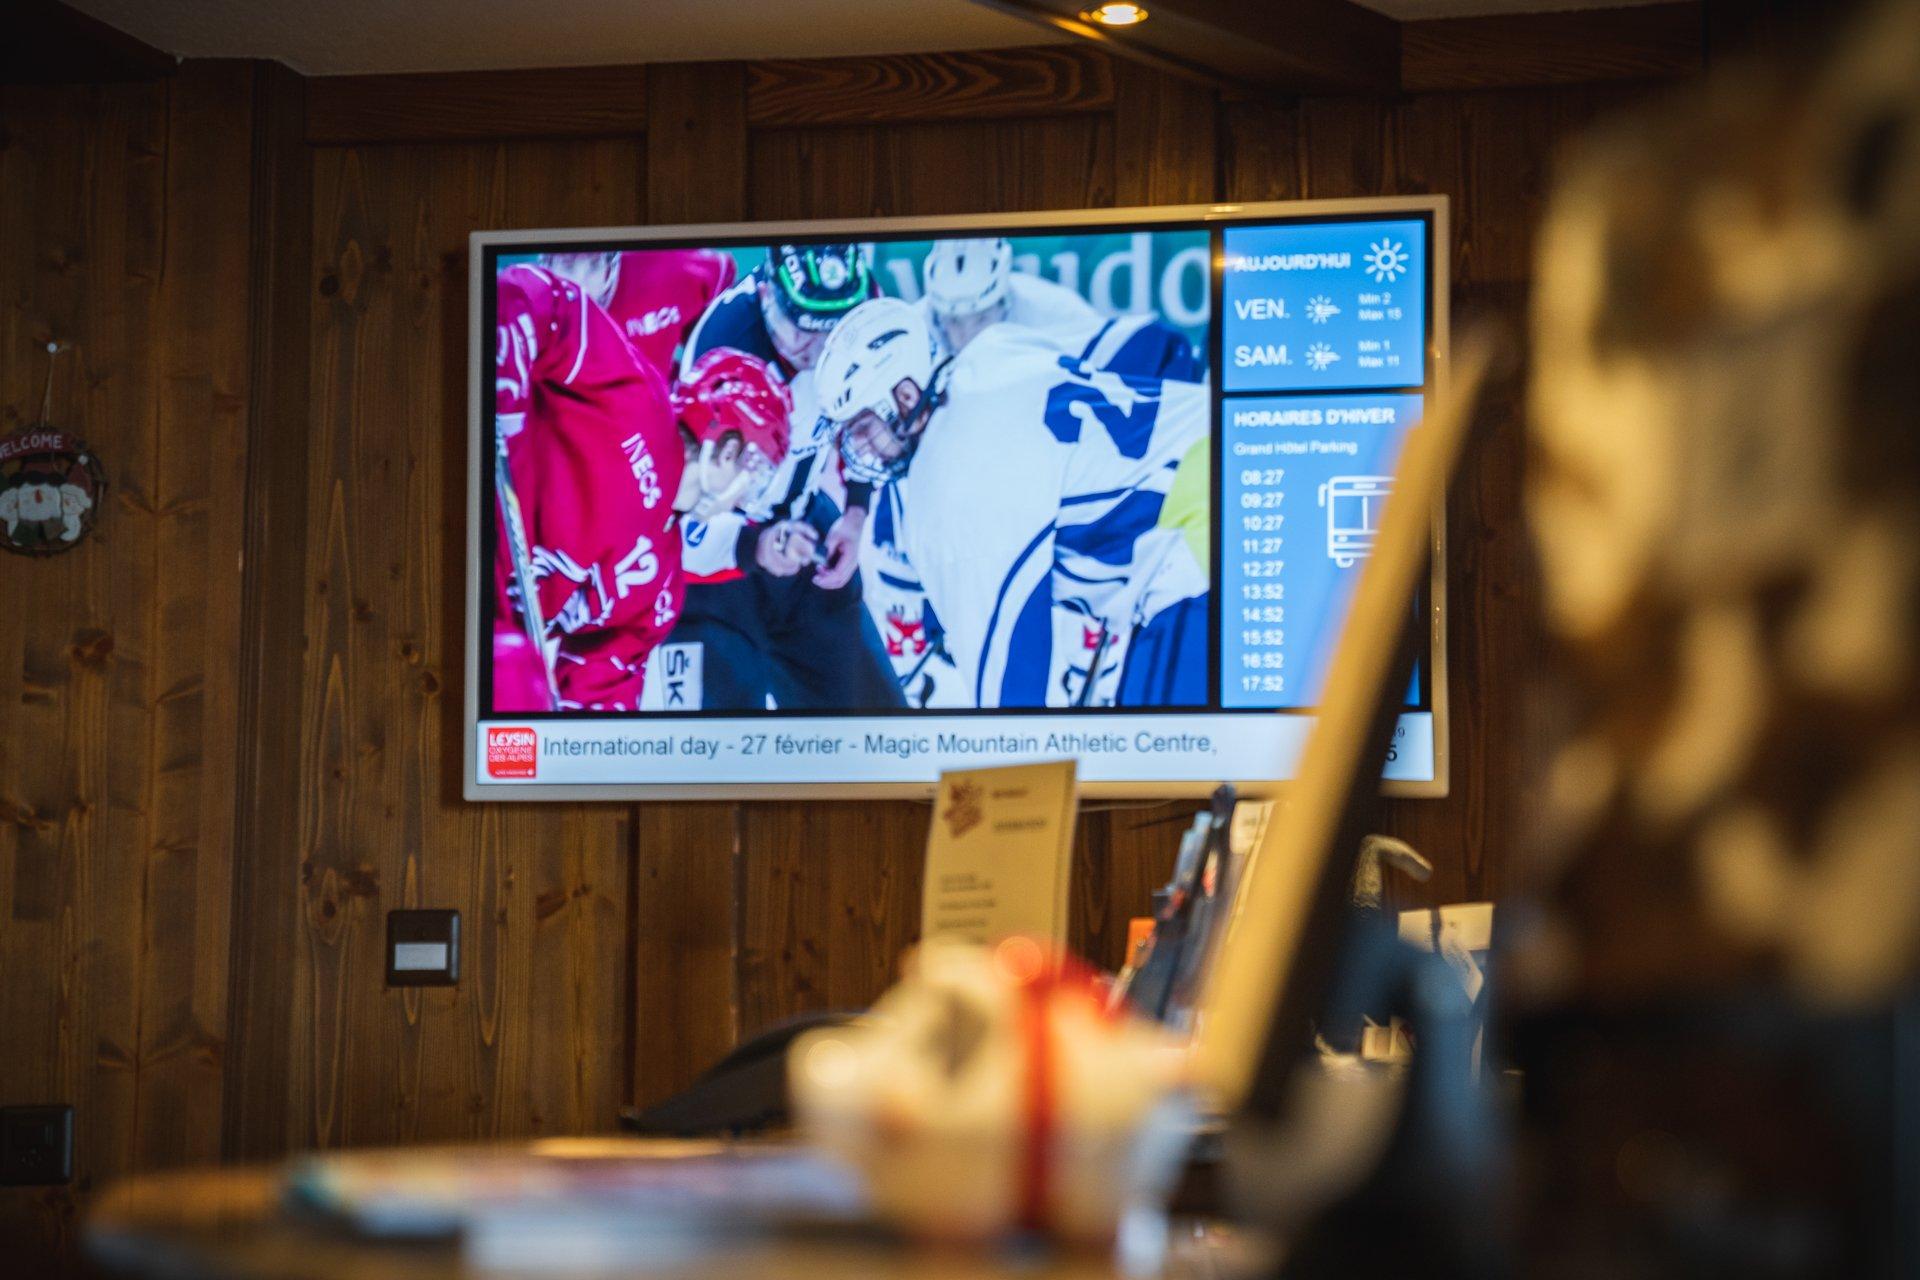 Ecran d'acceuil avec digital signage pour hôtel. Réseau d'affichage pour région touristique par Pixium.